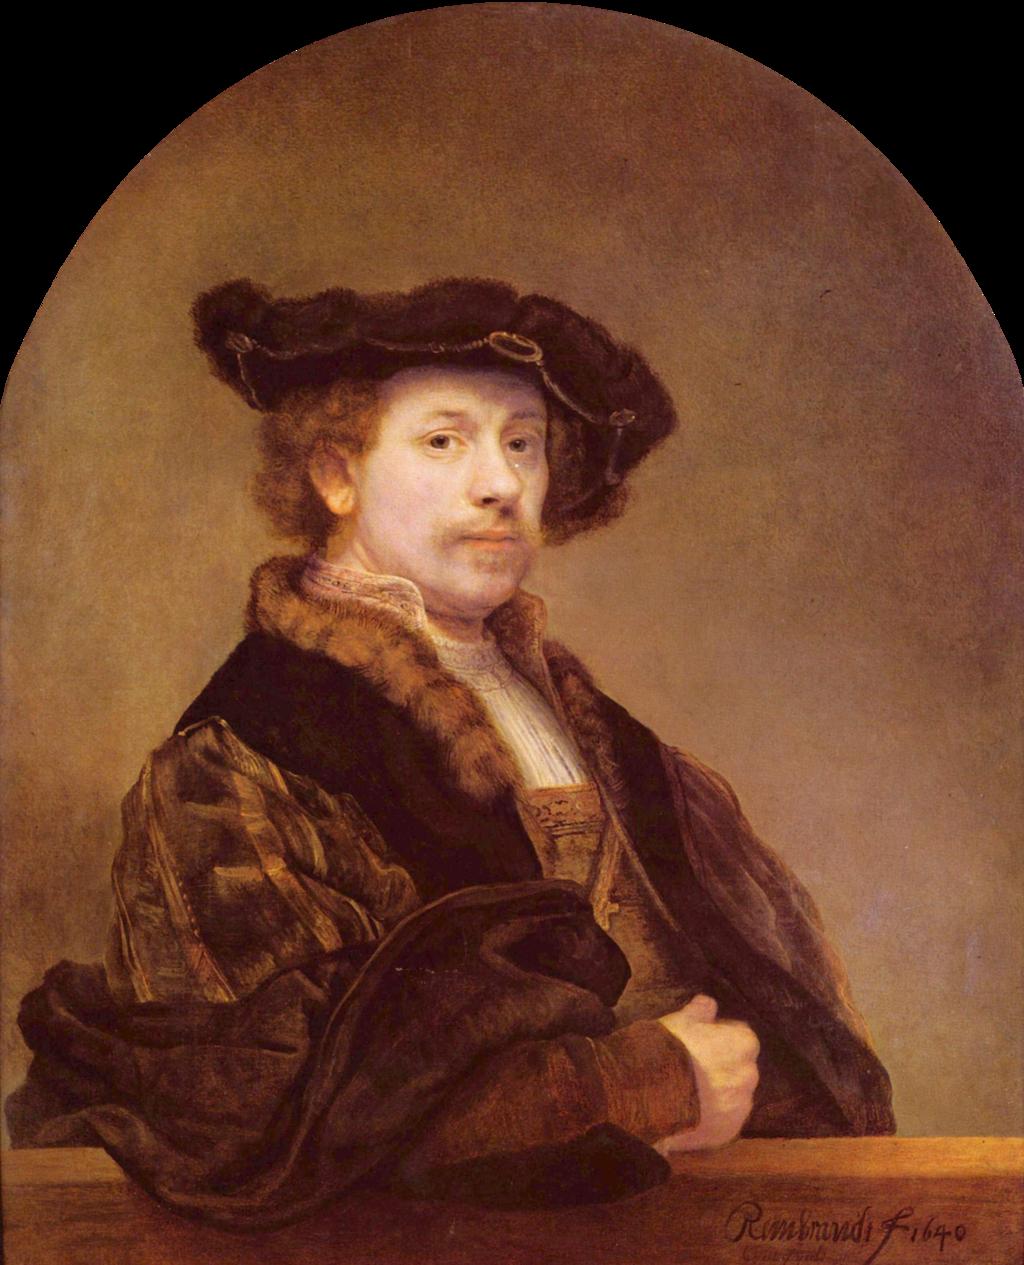 Rembrandt Harmensz van Rijn - Self-Portrait, 1640